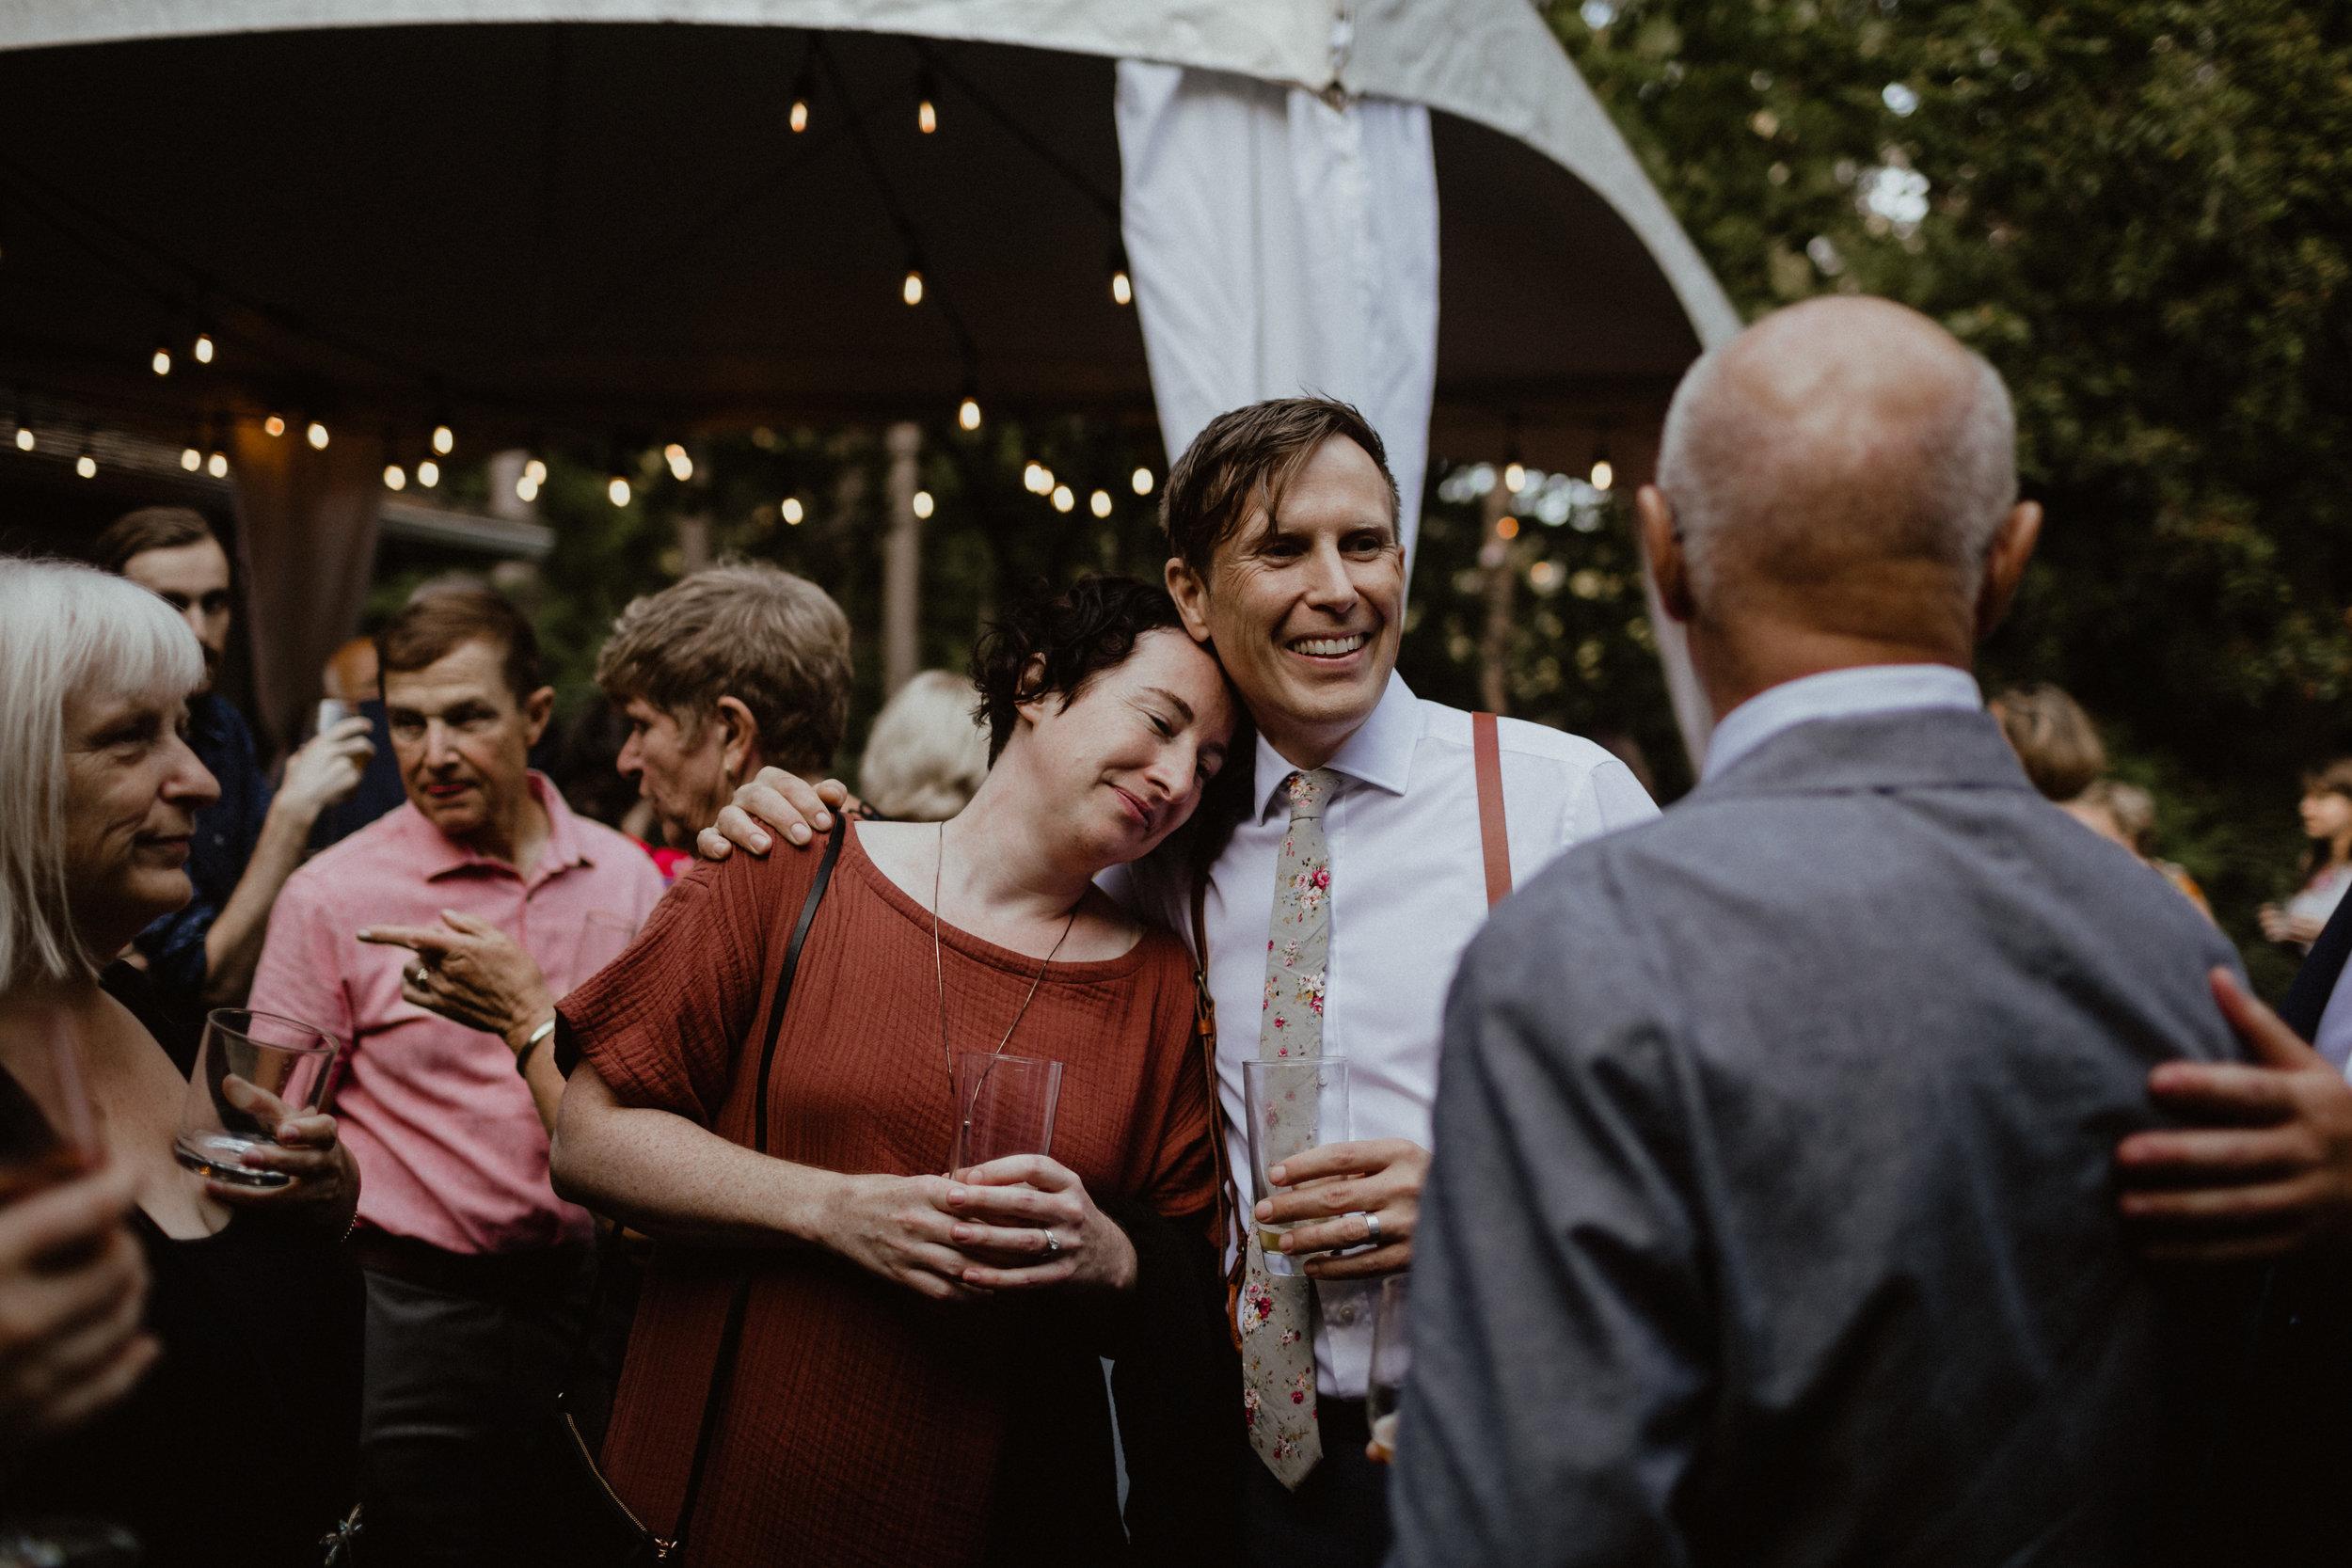 west-vancouver-backyard-wedding-219.jpg